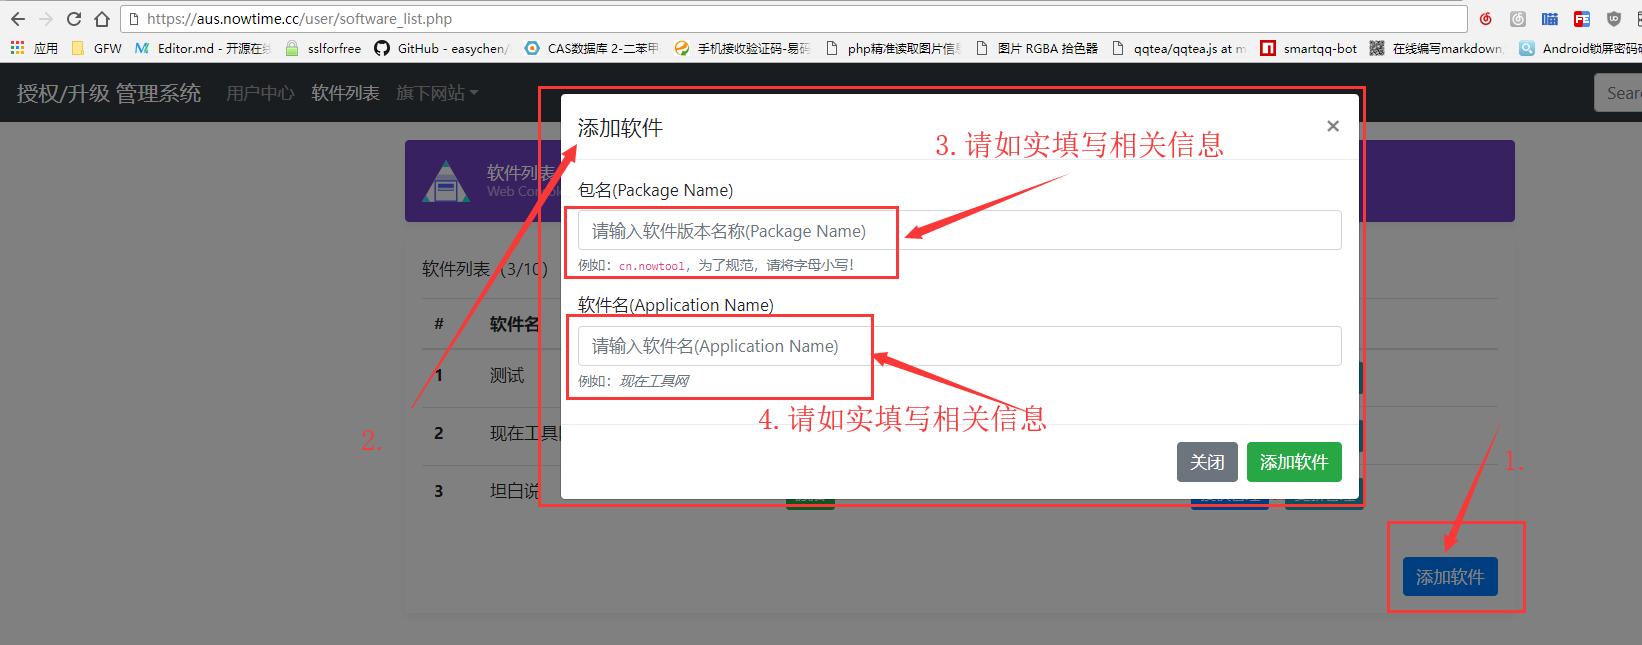 添加软件 - 授权/升级 管理系统(AUS.NowTime.cc)